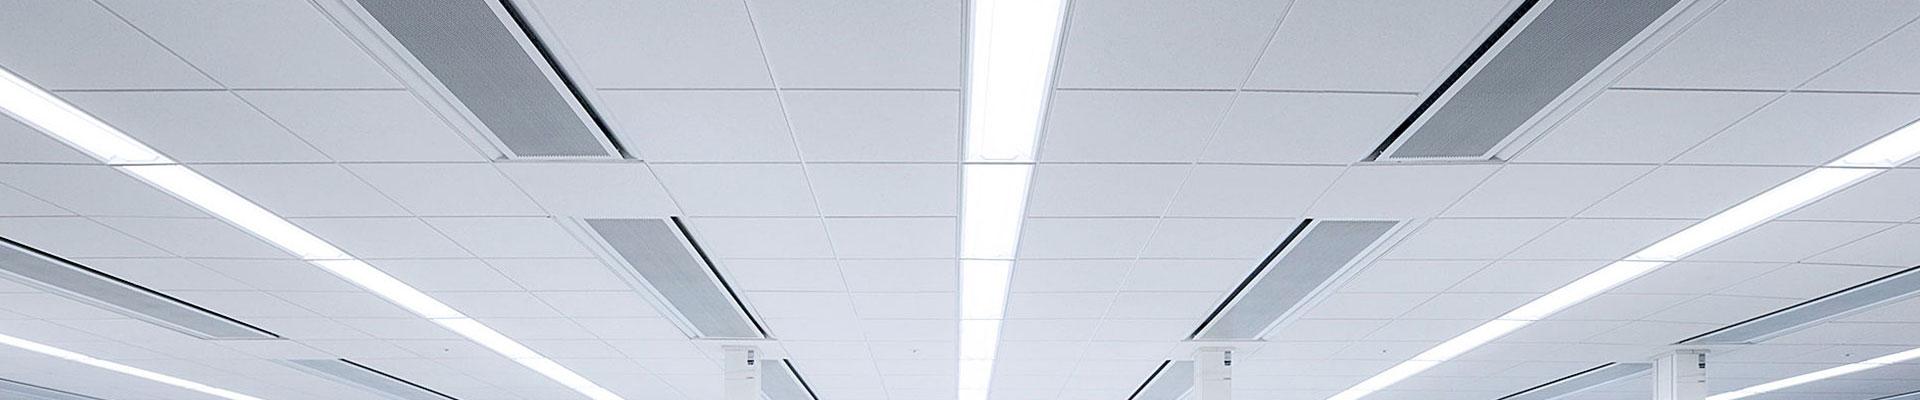 Beleuchtung in einem Labor